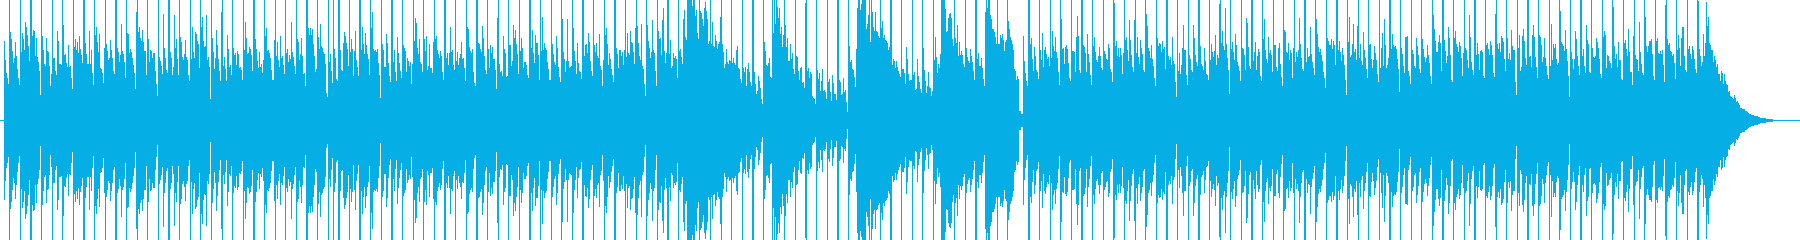 ショートムービー ほのぼの アコギの再生済みの波形